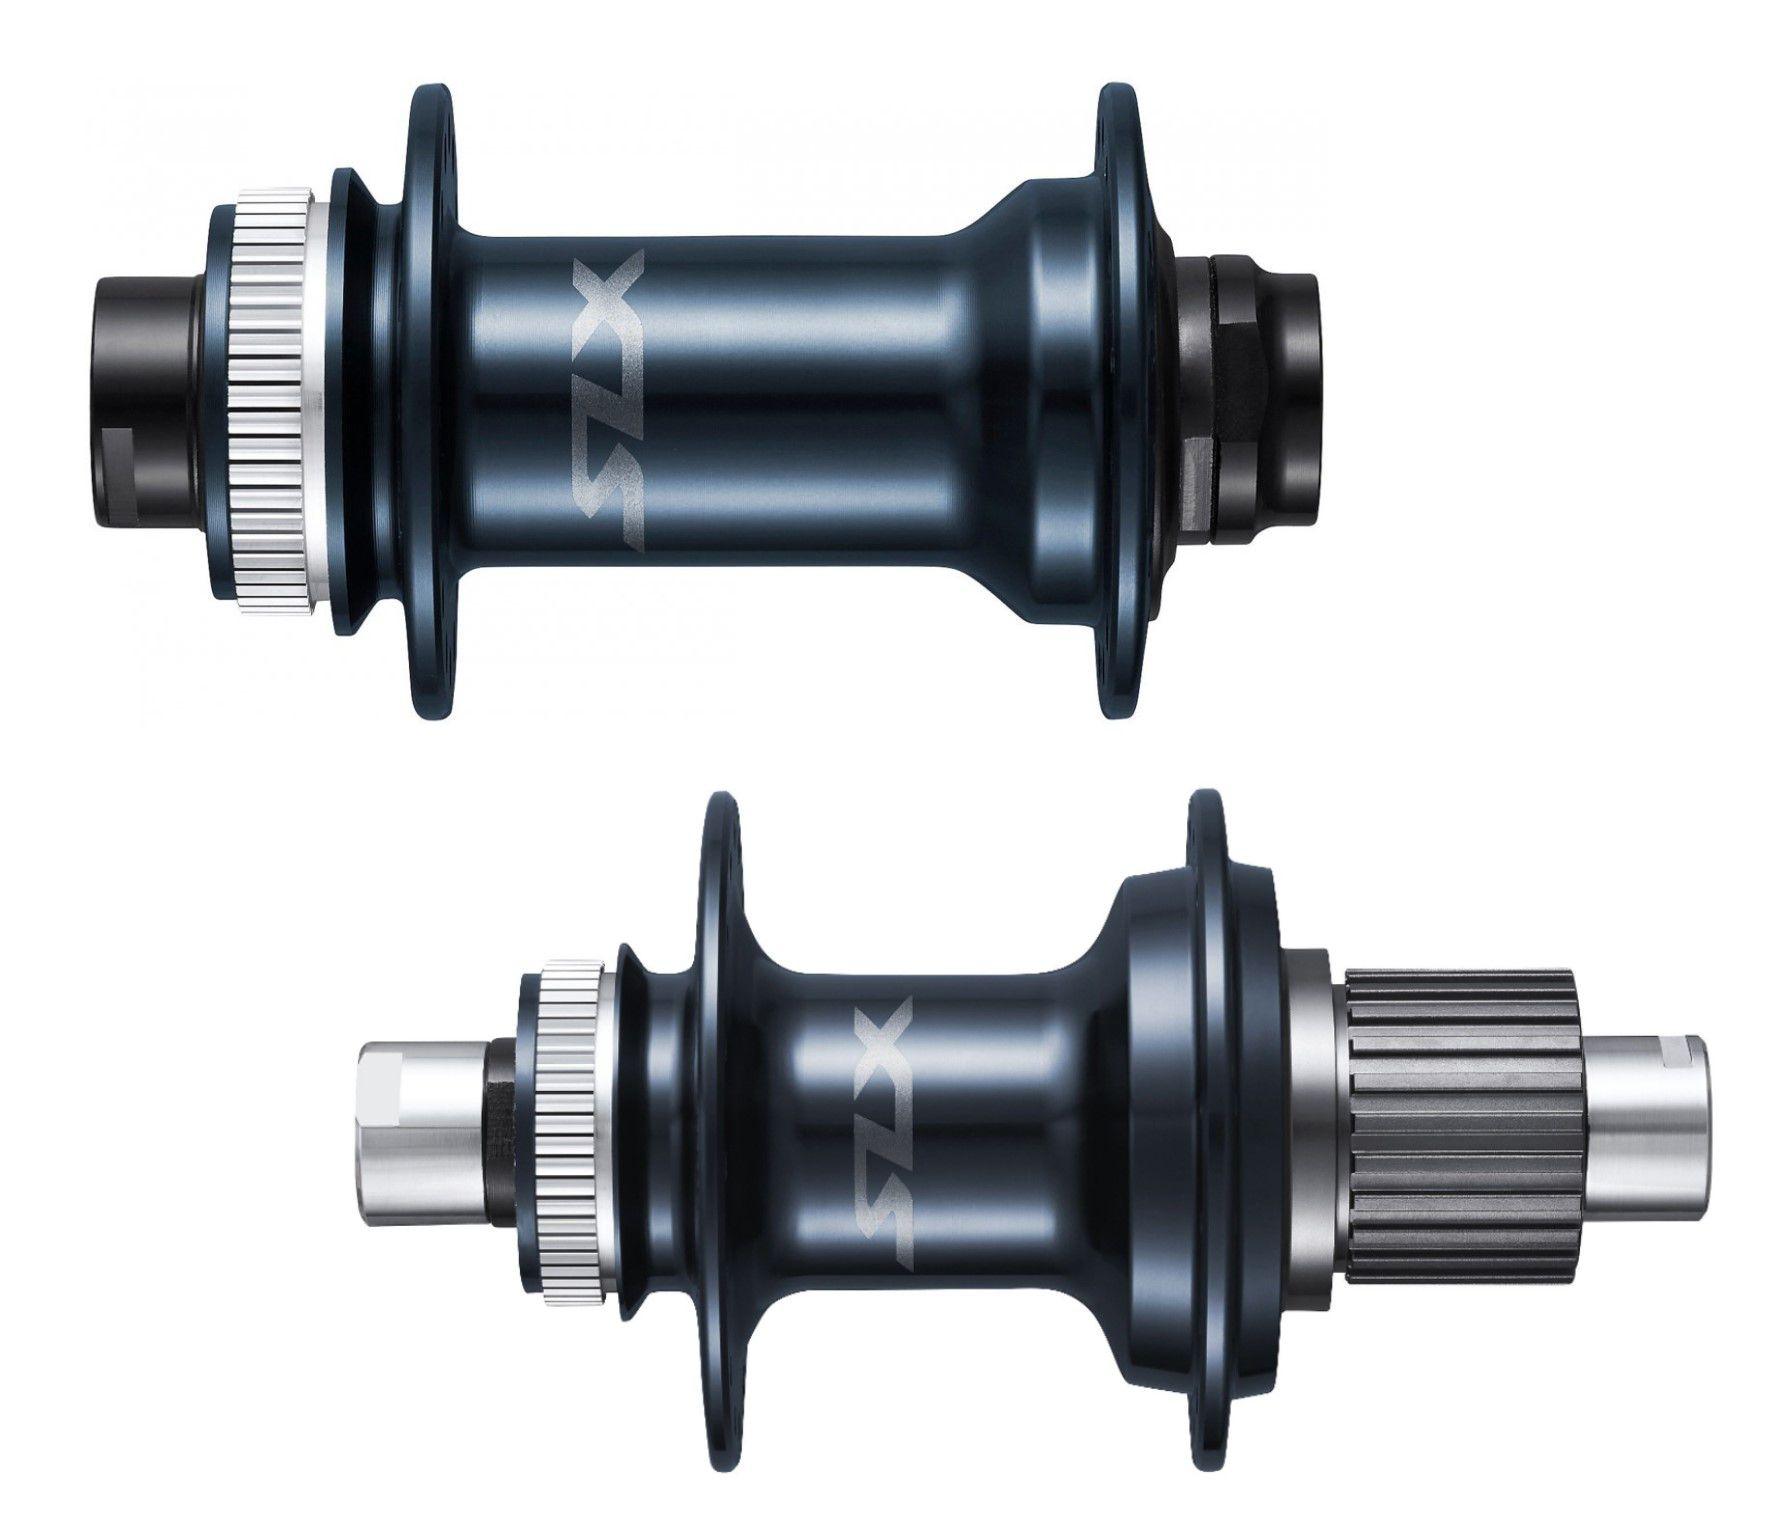 Par Cubos Shimano SLX 12V FH-M7110 28/32F Diant/Tras Micro Spline